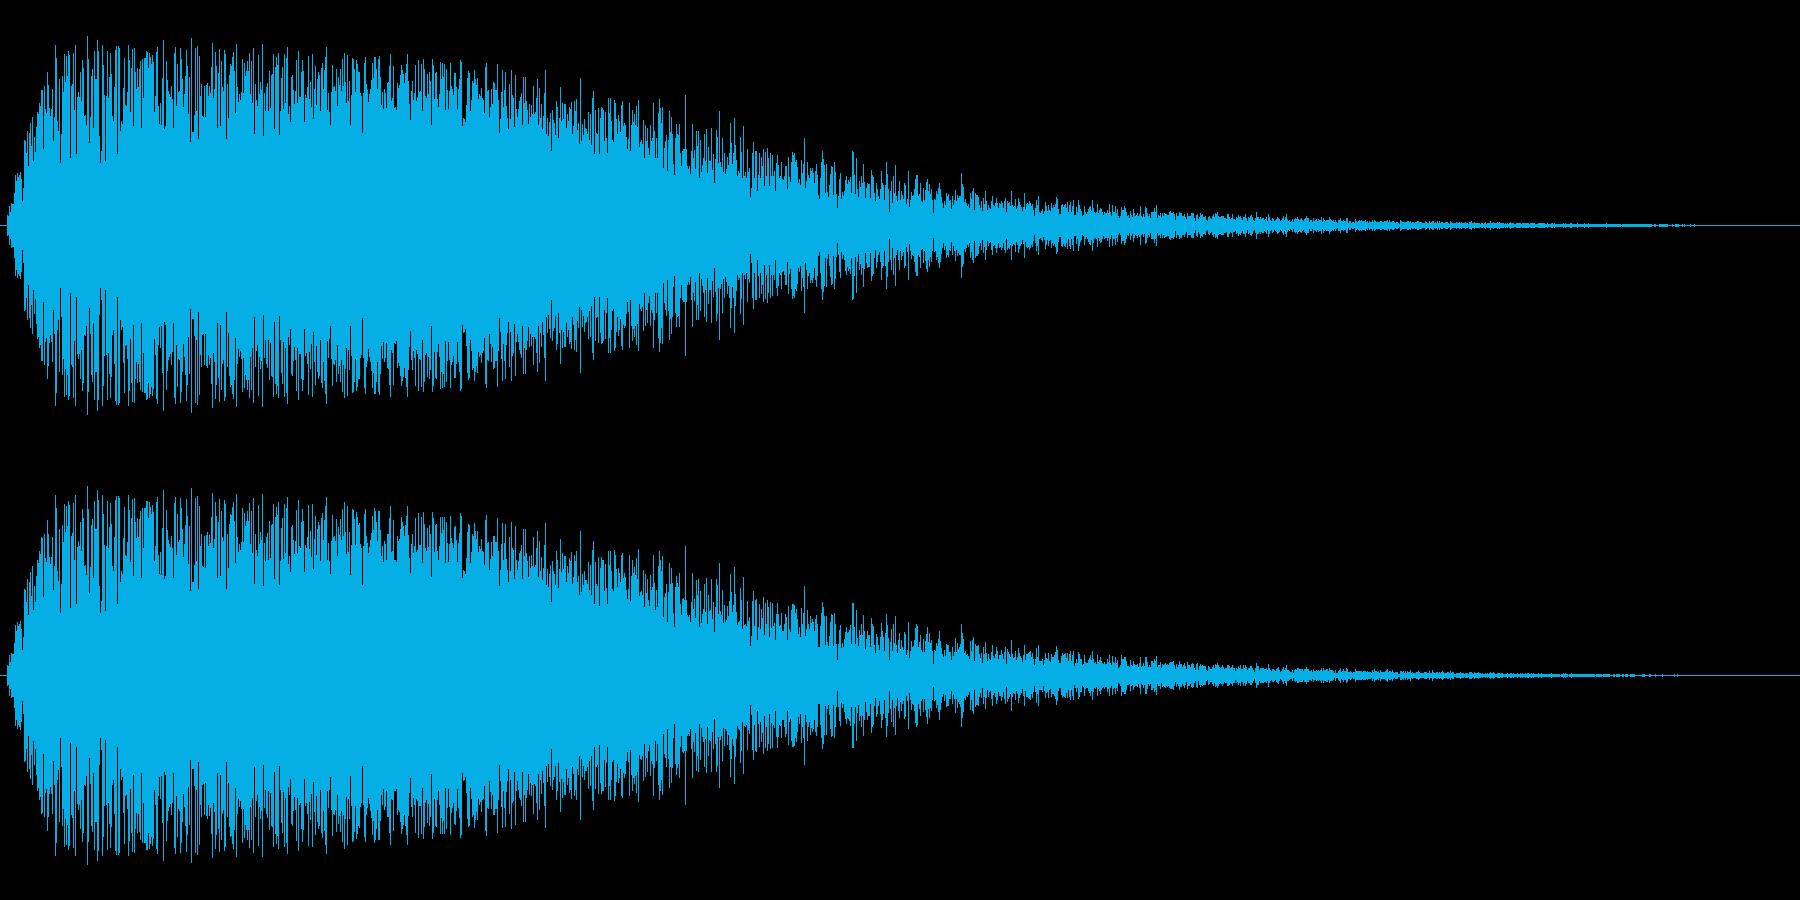 キラキラから不安な余韻を残すジャララ音の再生済みの波形